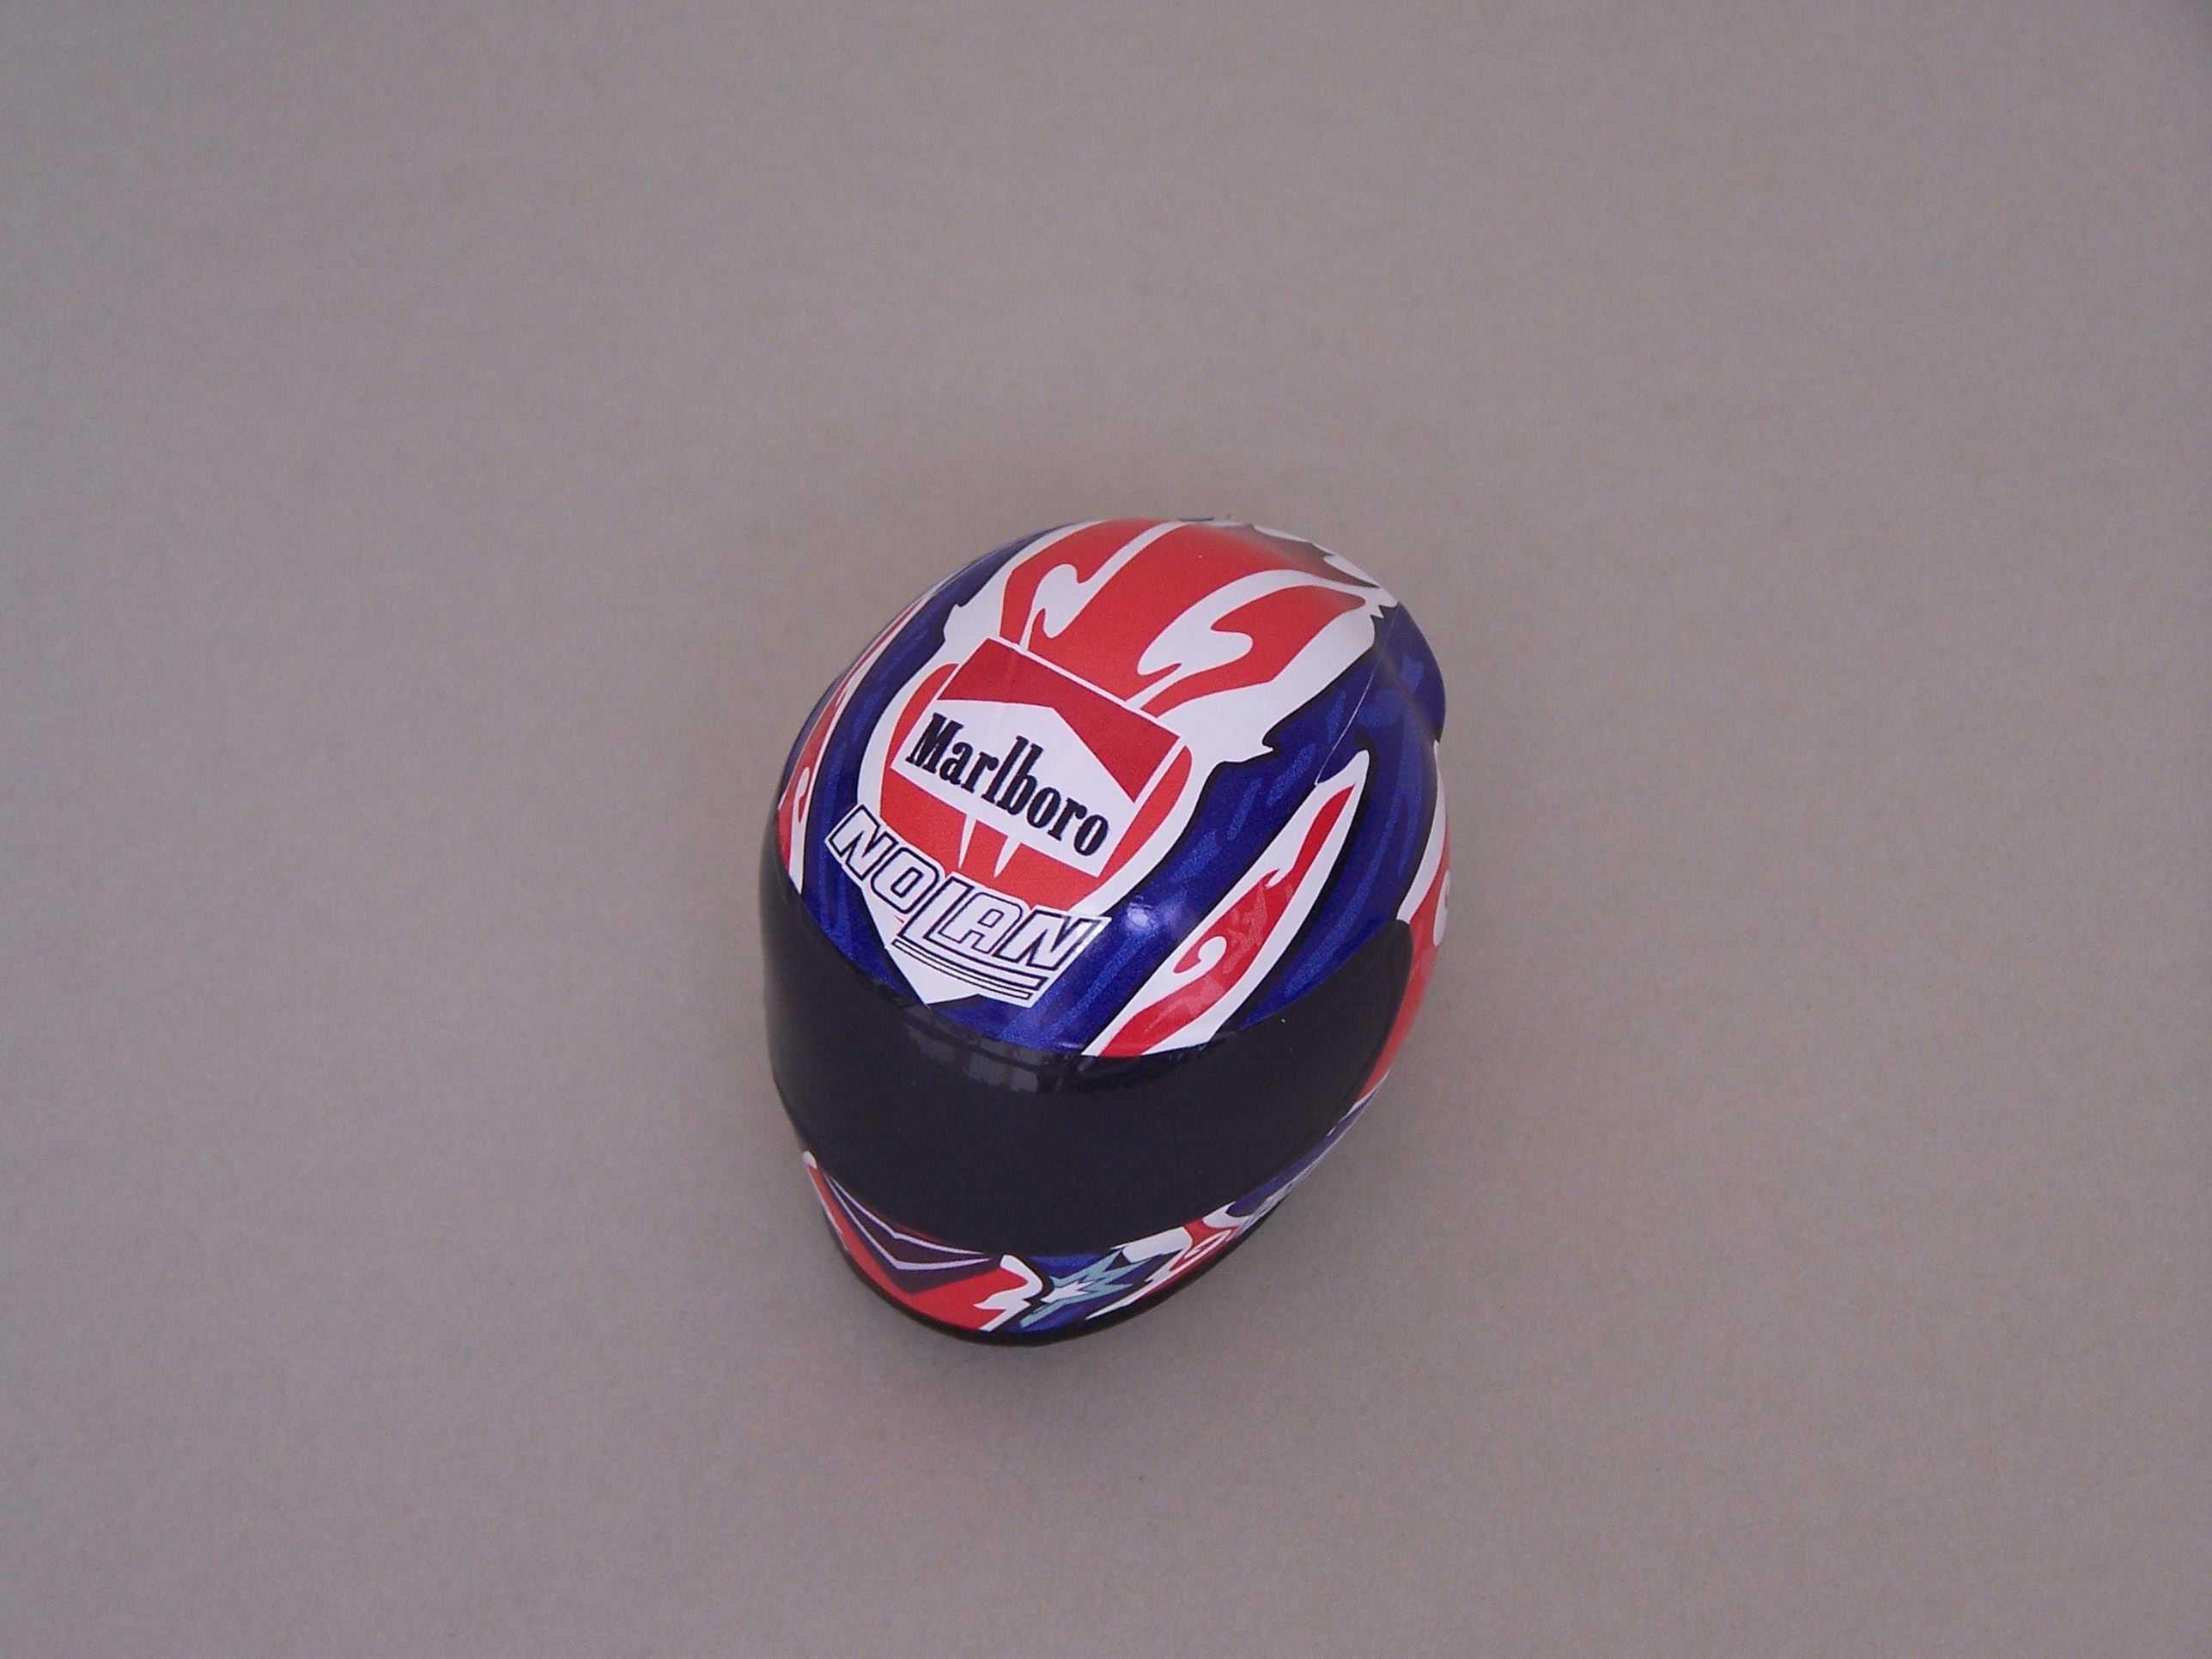 [Helm-Ducati-Stoner-2008.jpg]